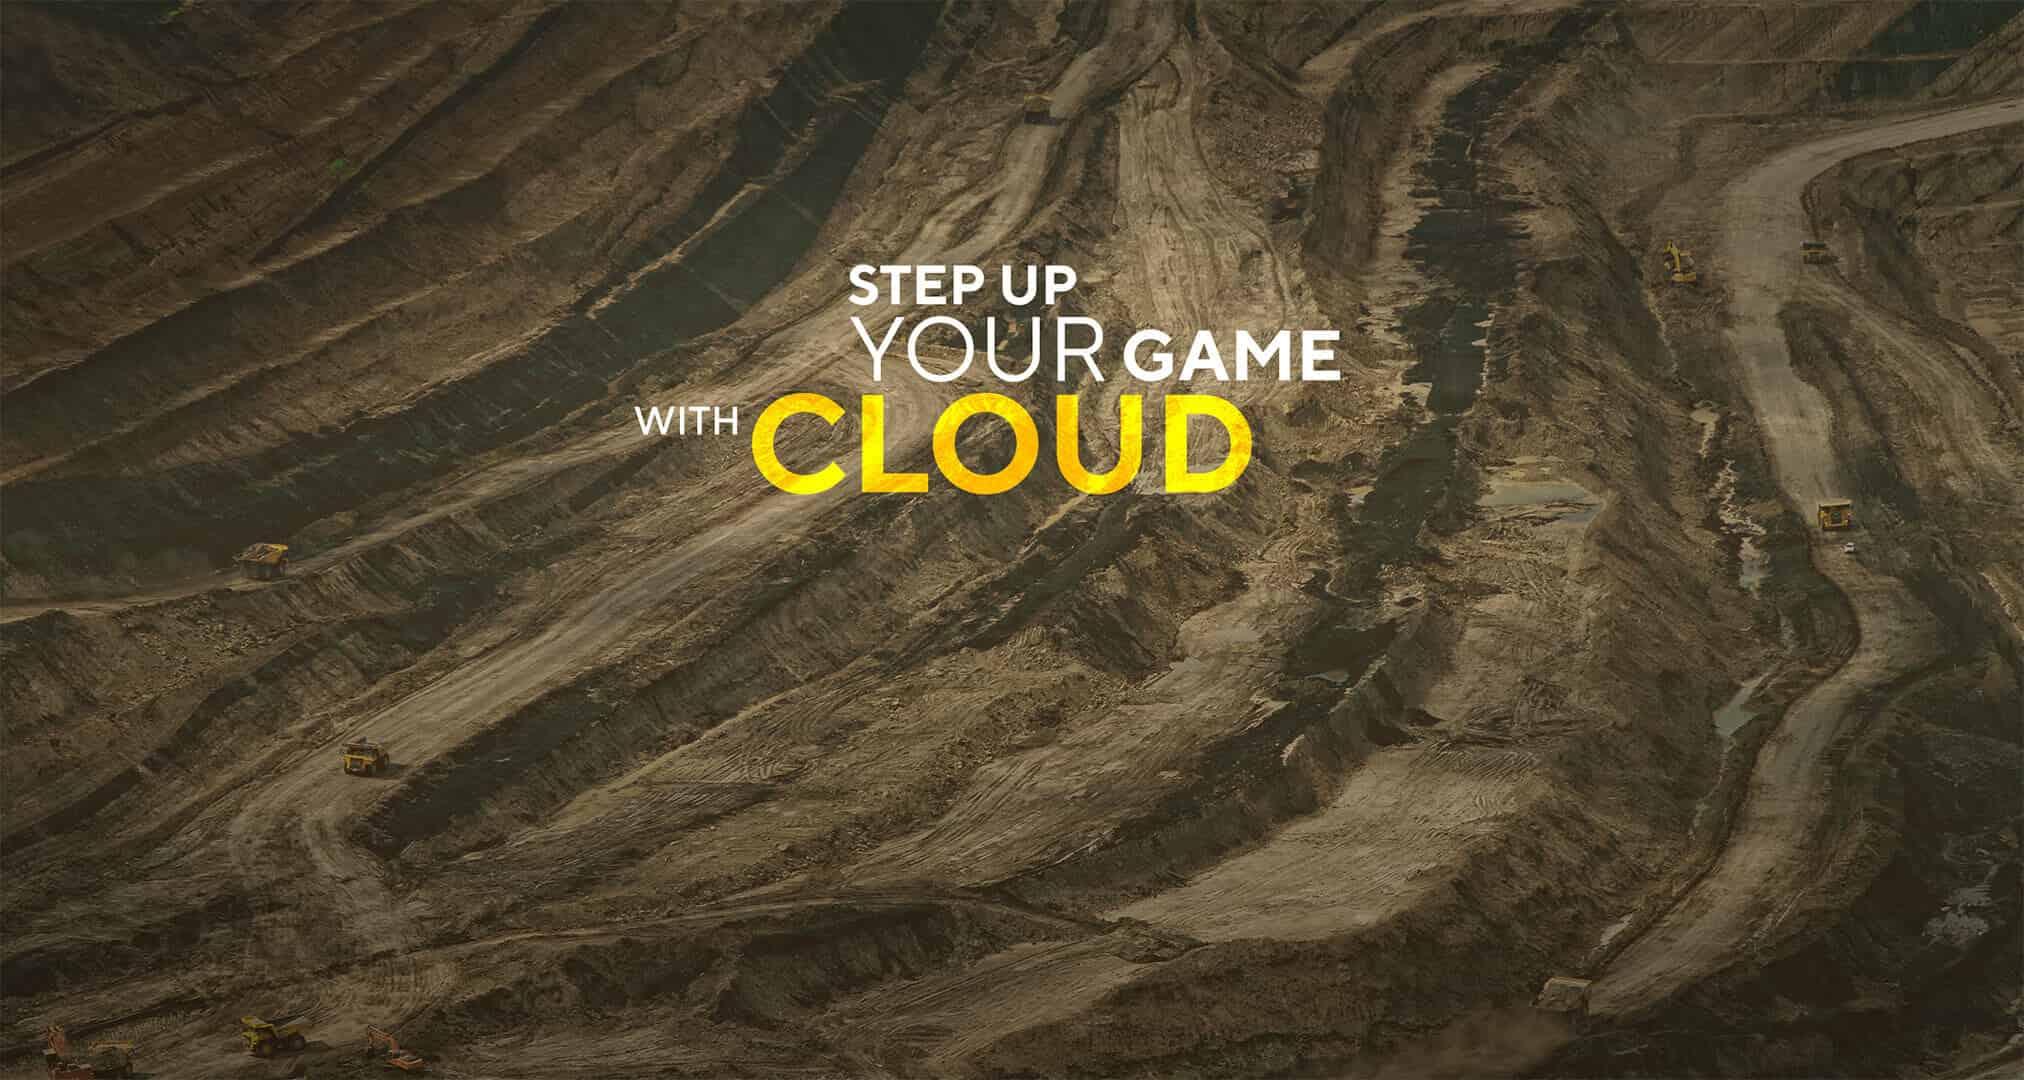 Cloud Migration AWS Cloud Case Study